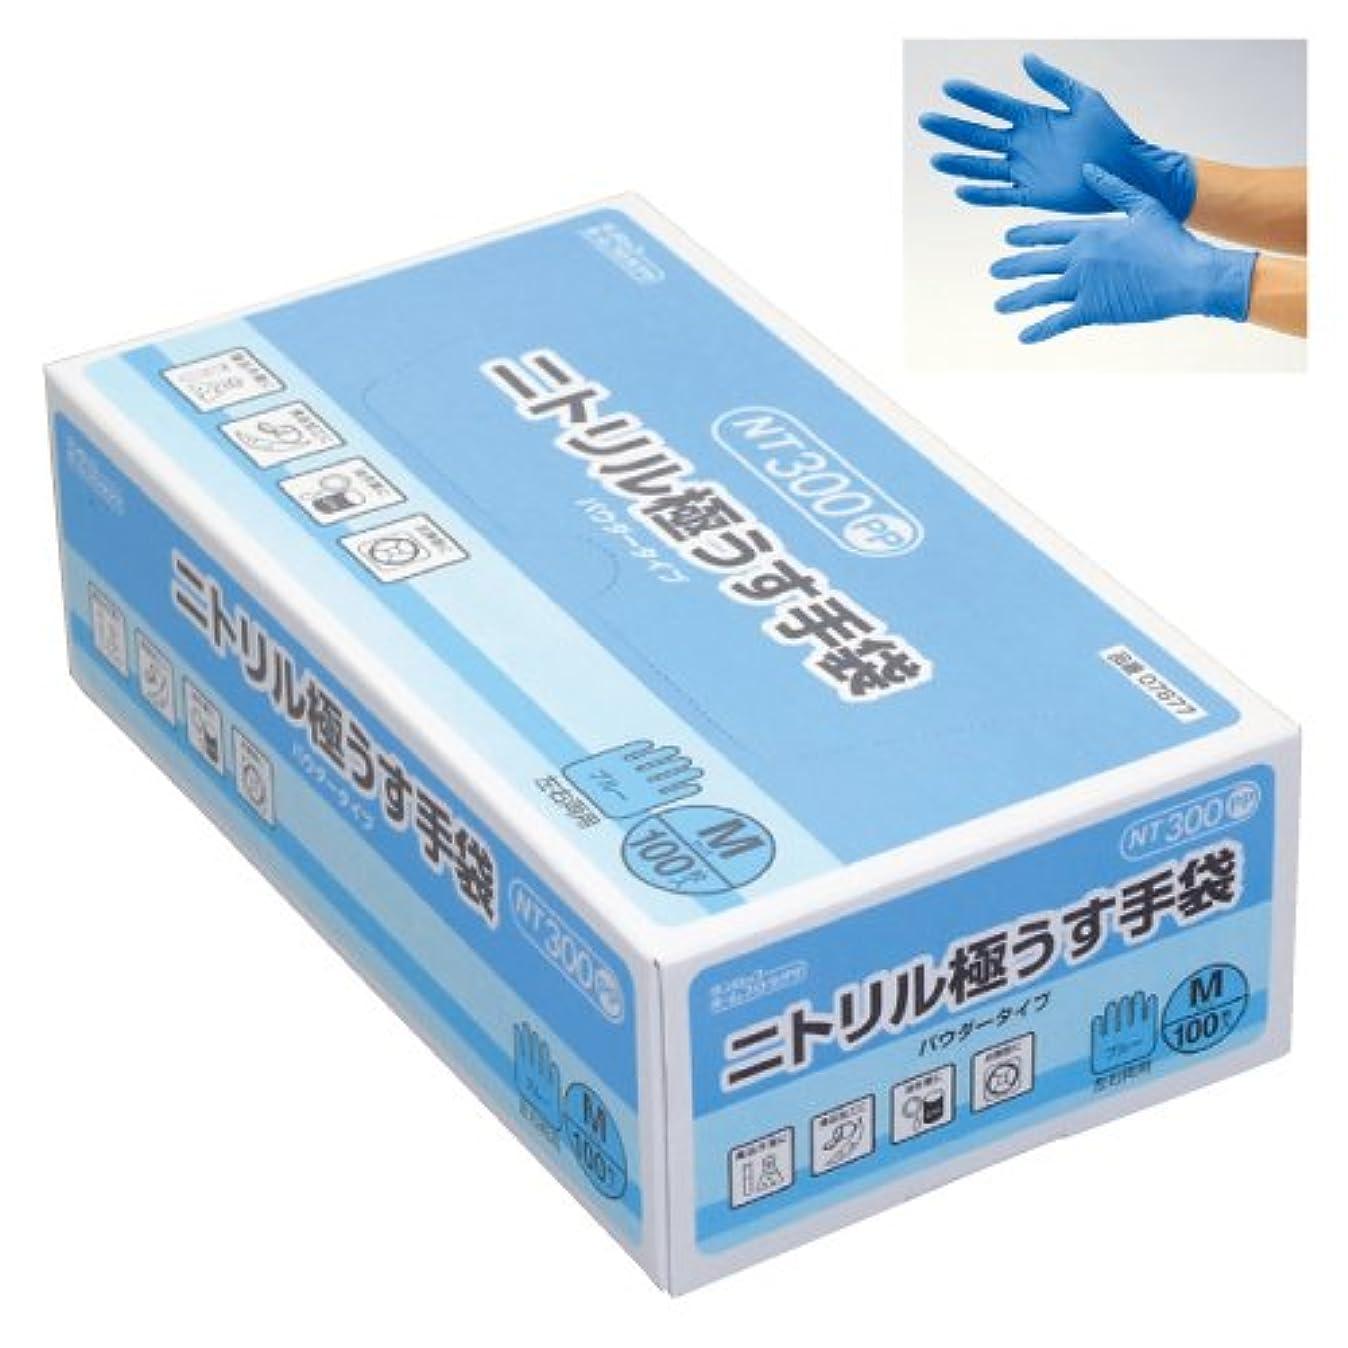 ニトリル極うす手袋 NT300 (23-6073-04)